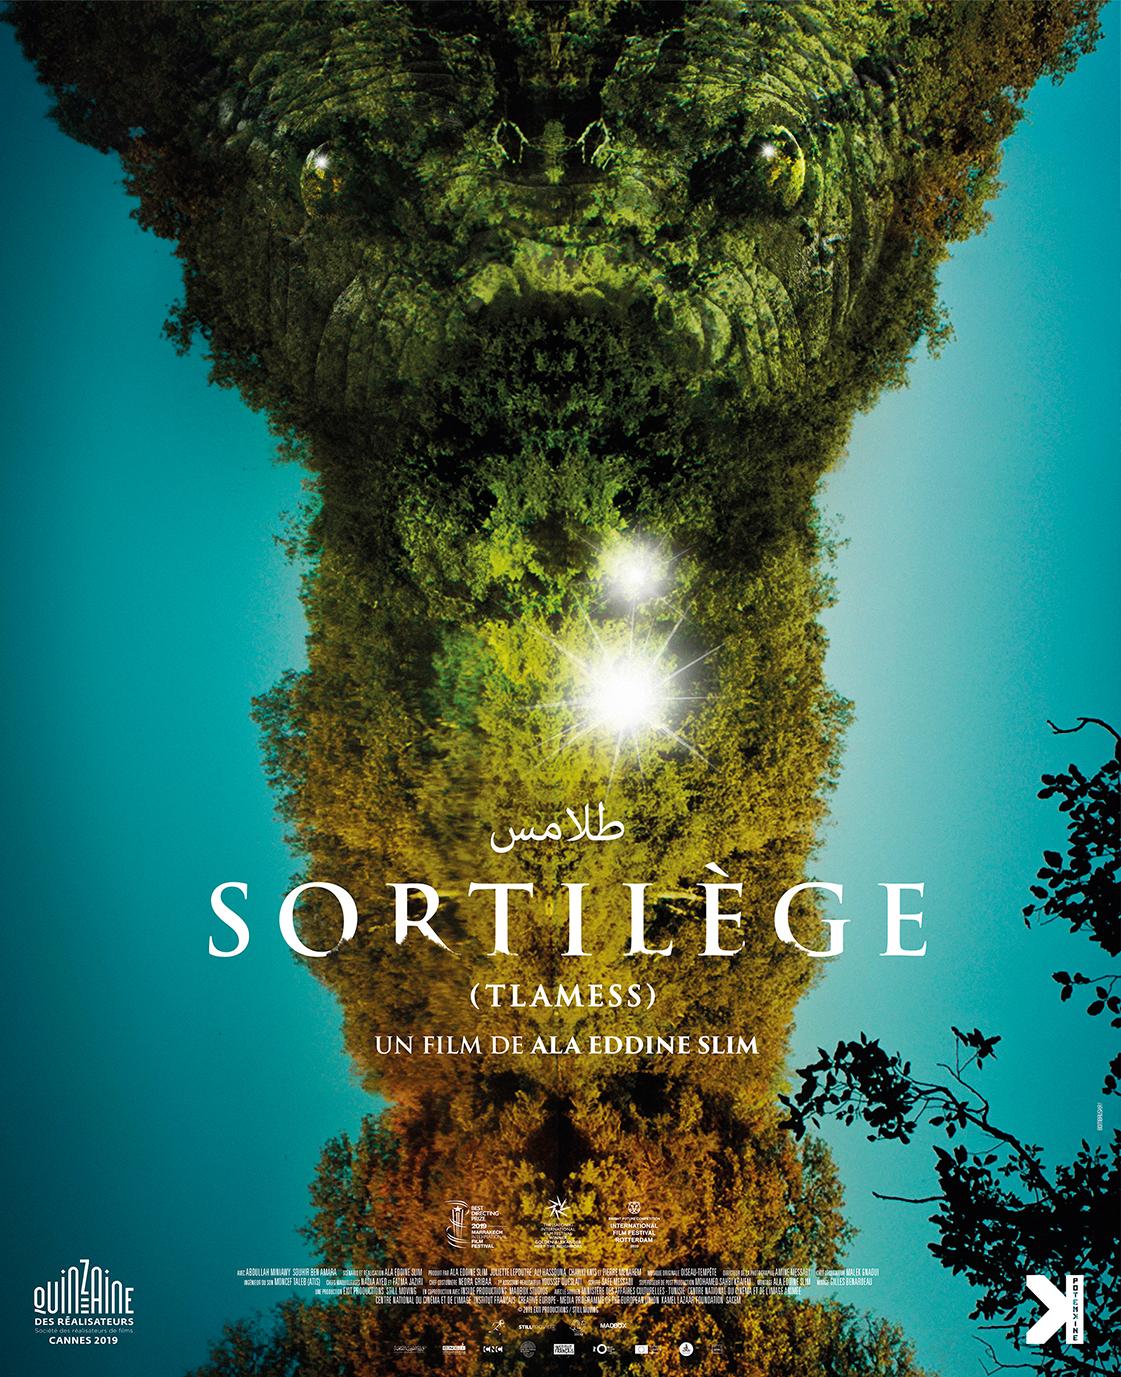 Achat Sortilège (Tlamess) en DVD - AlloCiné